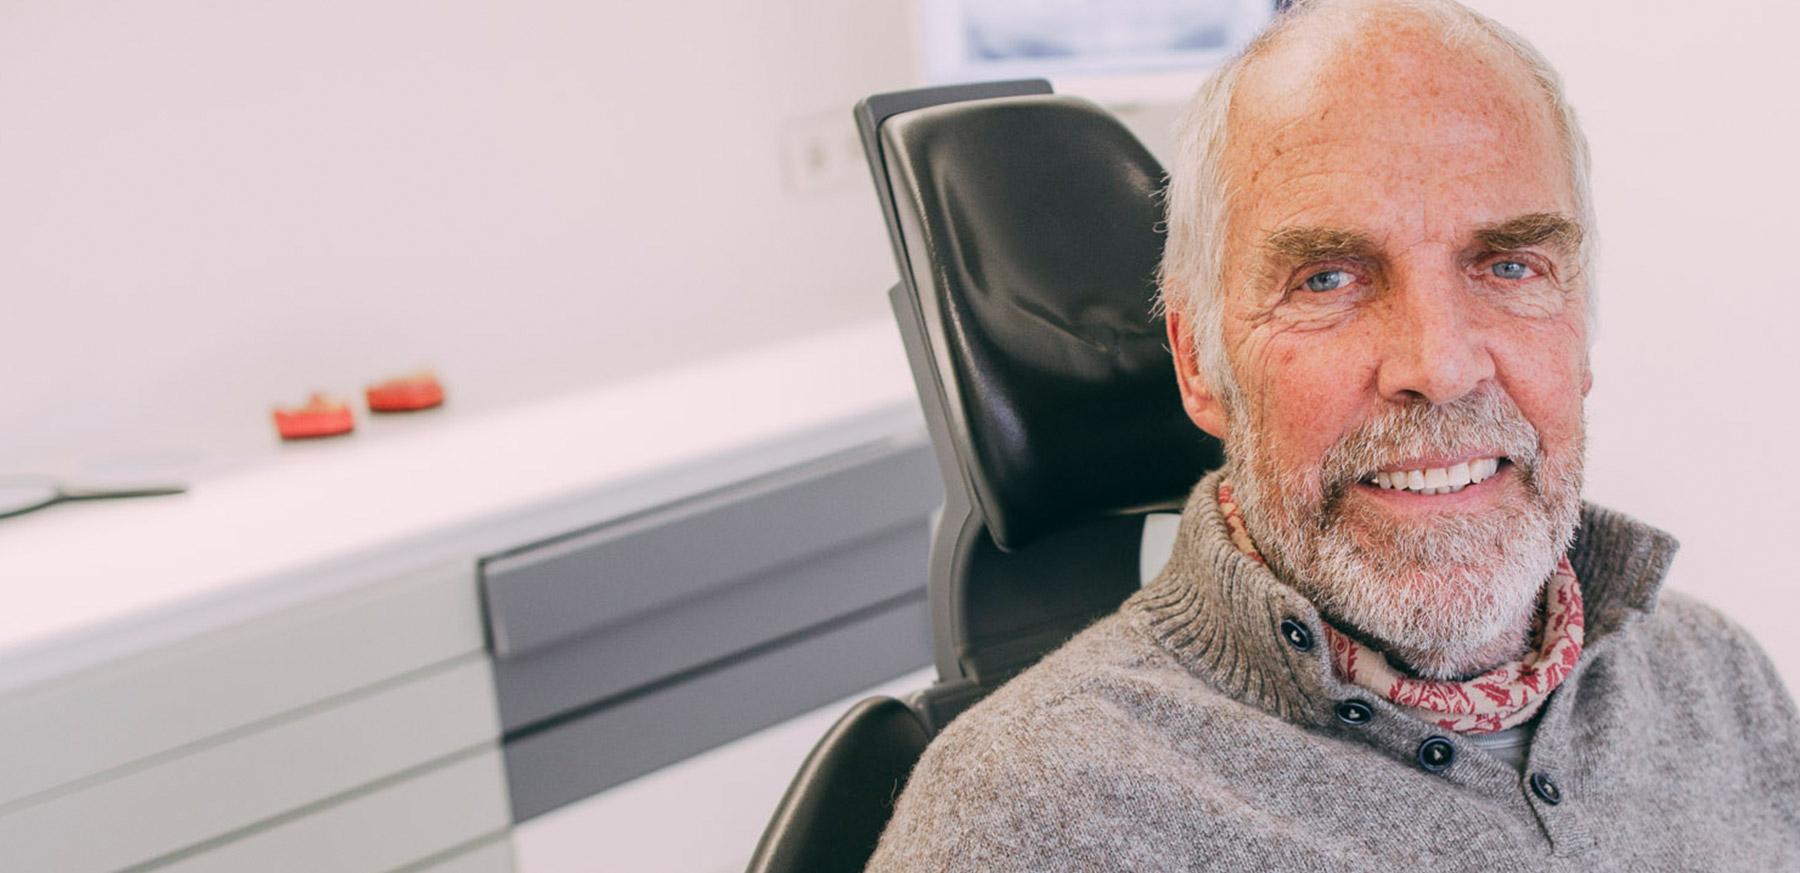 Implantologie Frankfurt-Sachsenhausen bietet viele Möglichkeiten für Zahnersatz